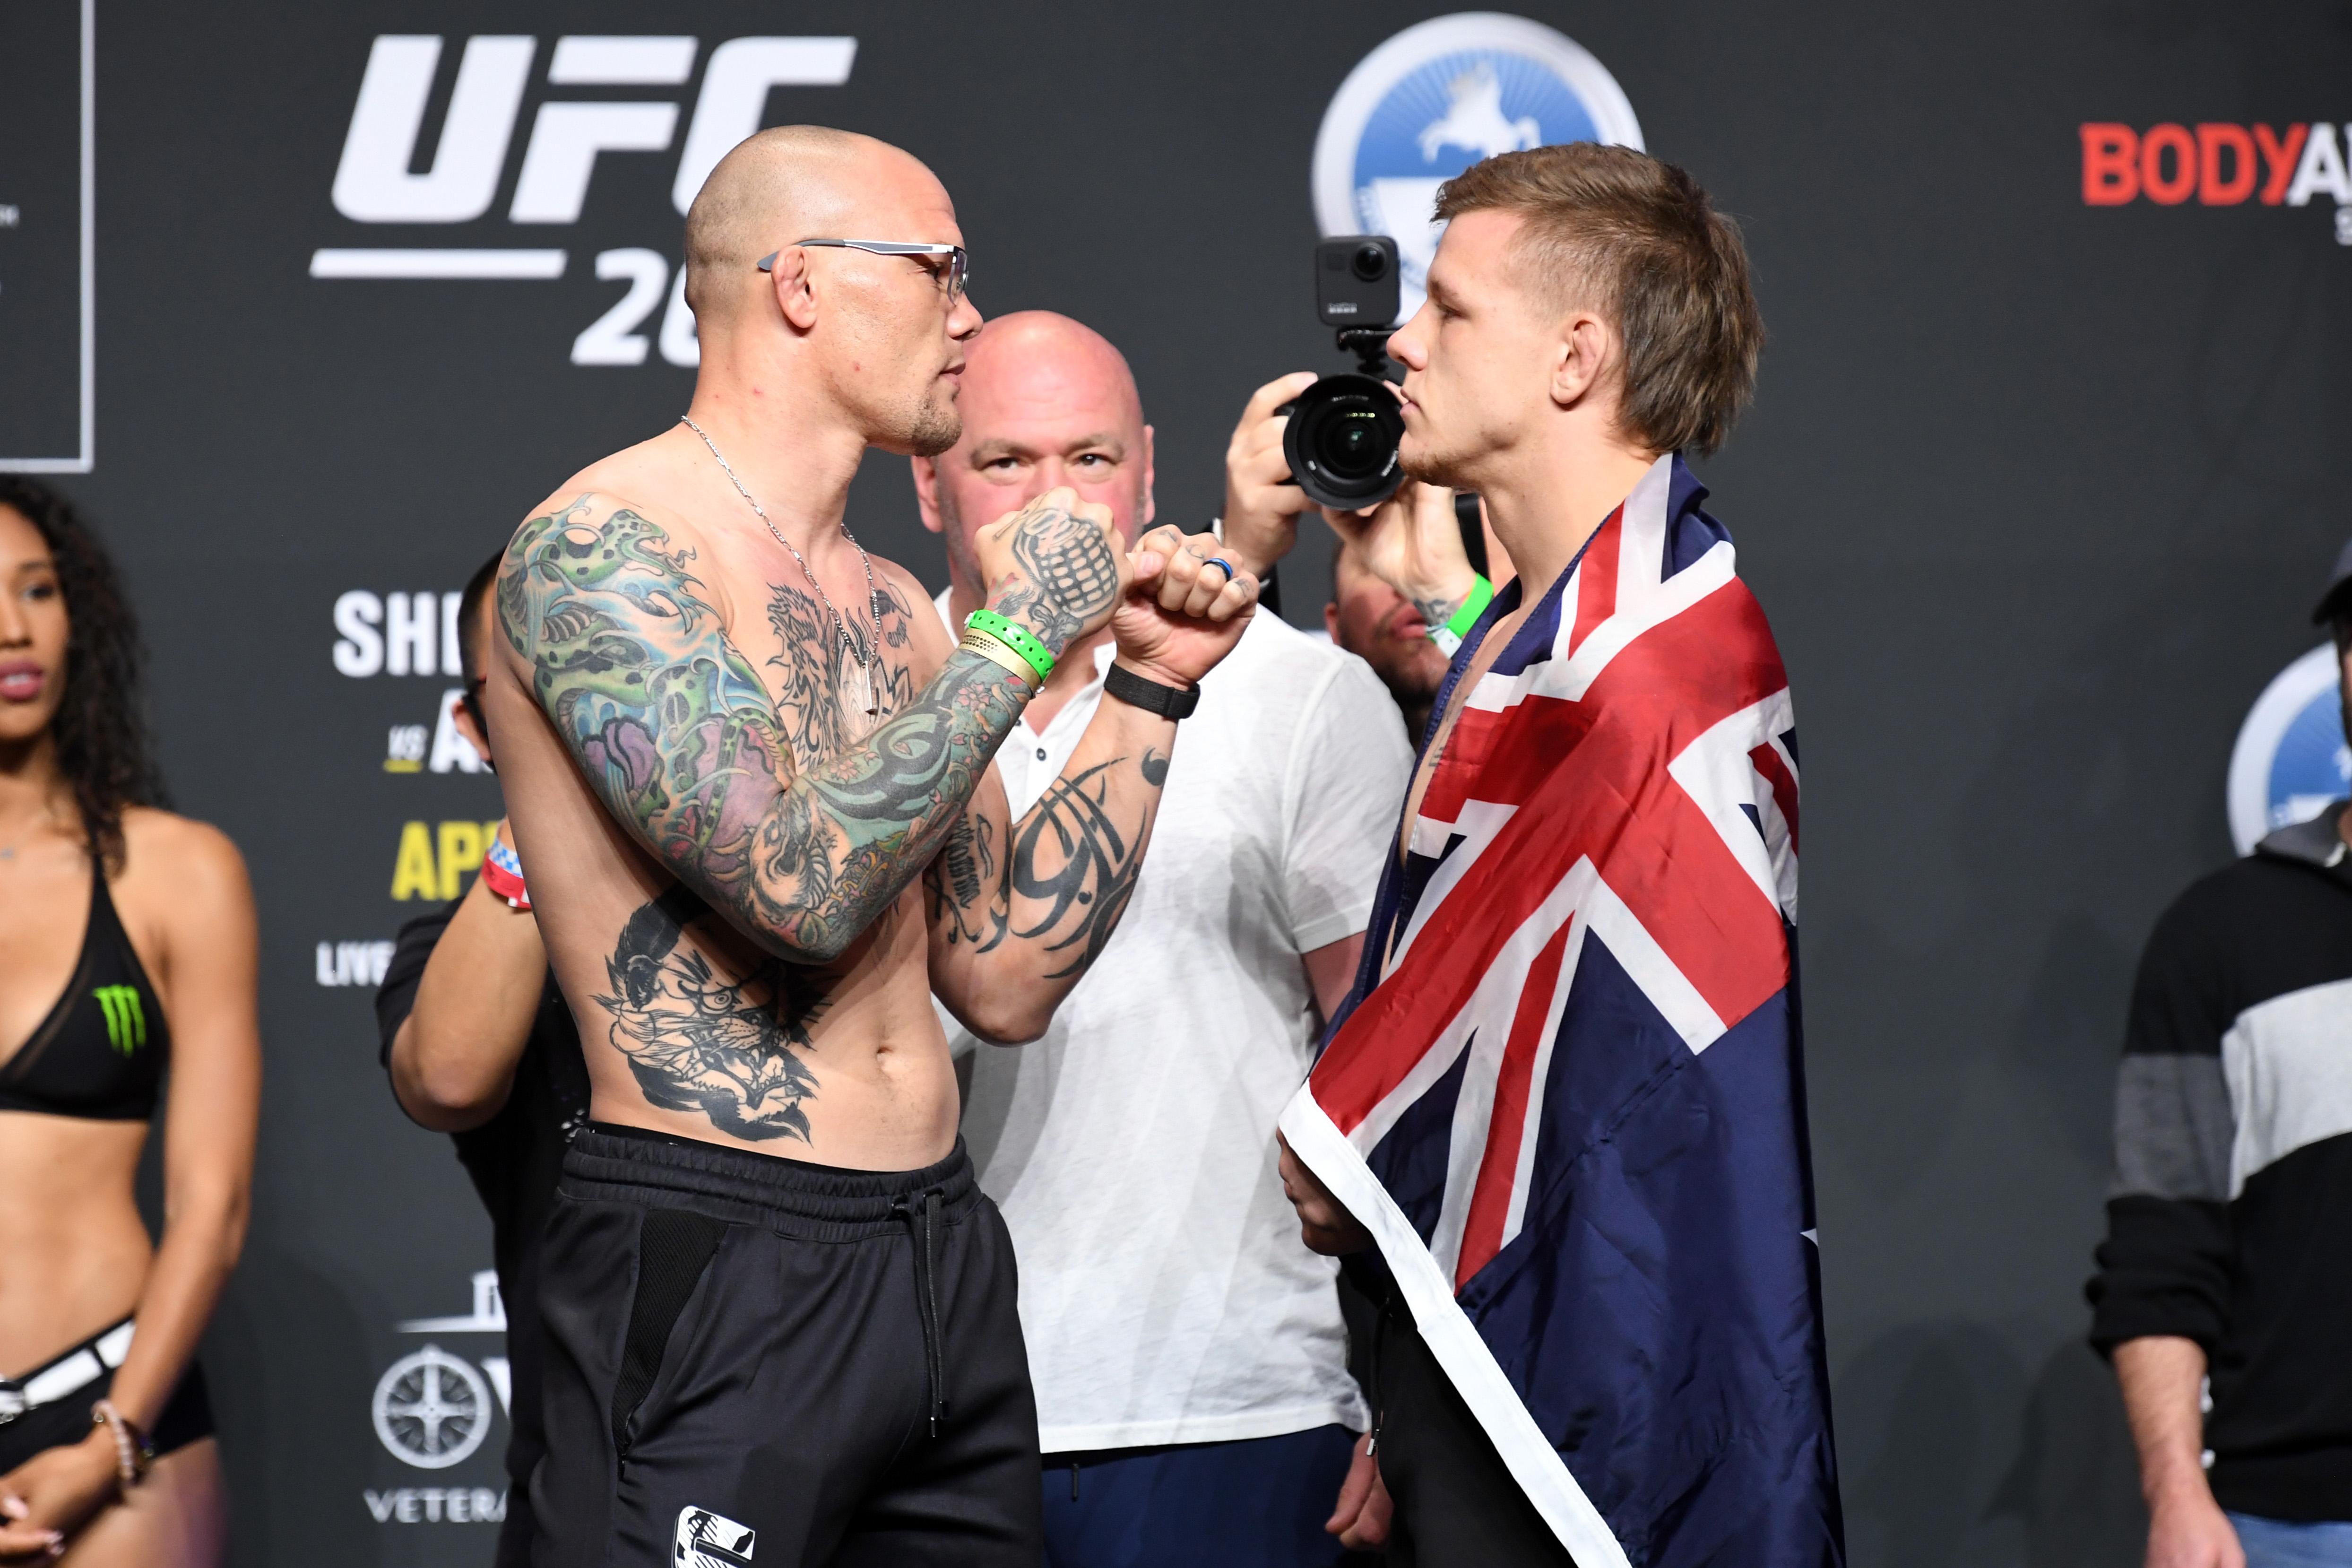 (从左至右)2021年4月23日,在佛罗里达州杰克逊维尔的VyStar老兵纪念体育场,安东尼·史密斯和澳大利亚选手吉米·克鲁特在UFC 261称重仪式上展开对决。